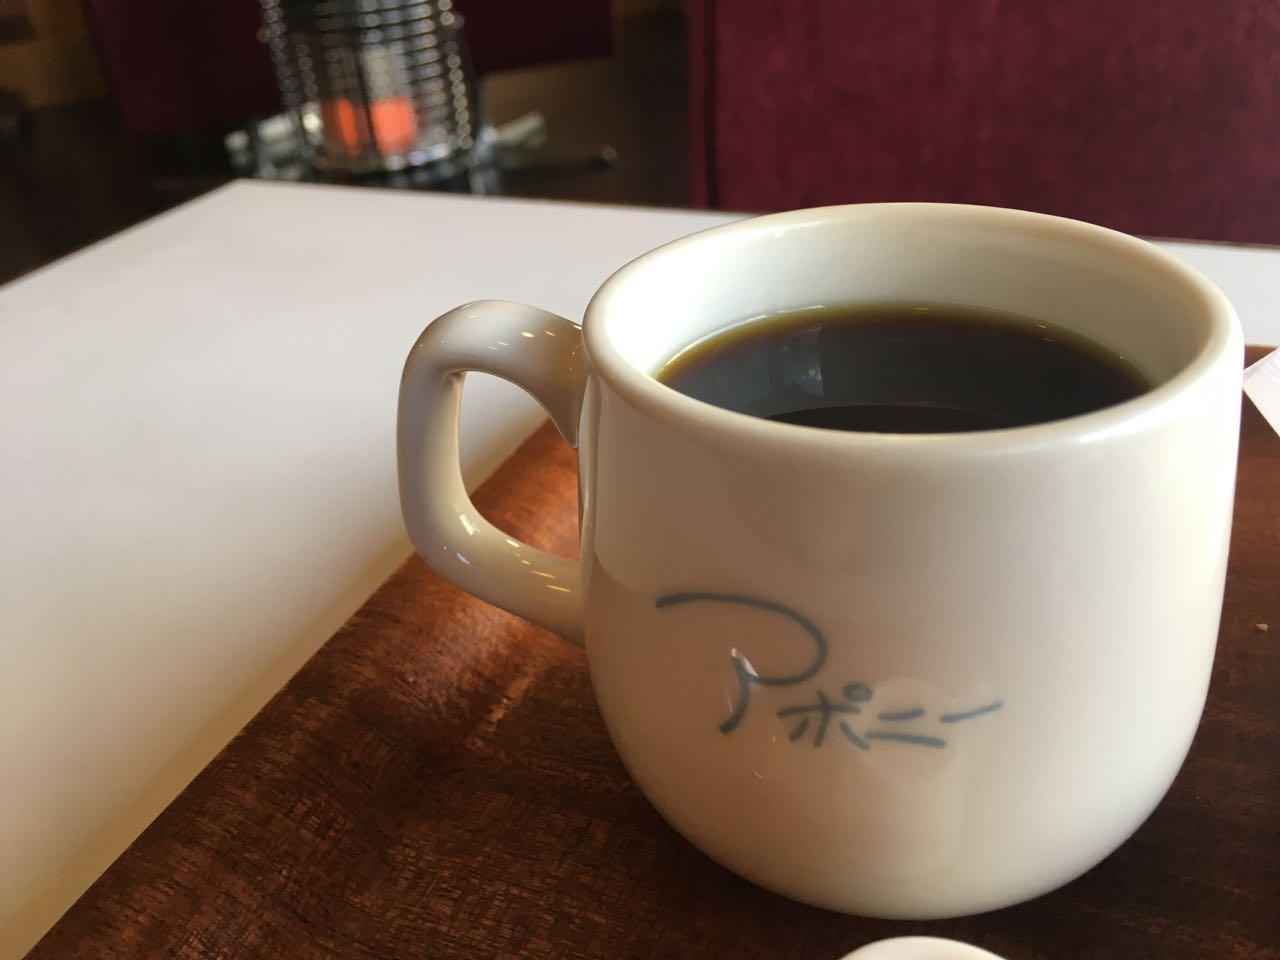 みとん今治, アポニー, カフェ, コーヒー, 共栄町, 老舗